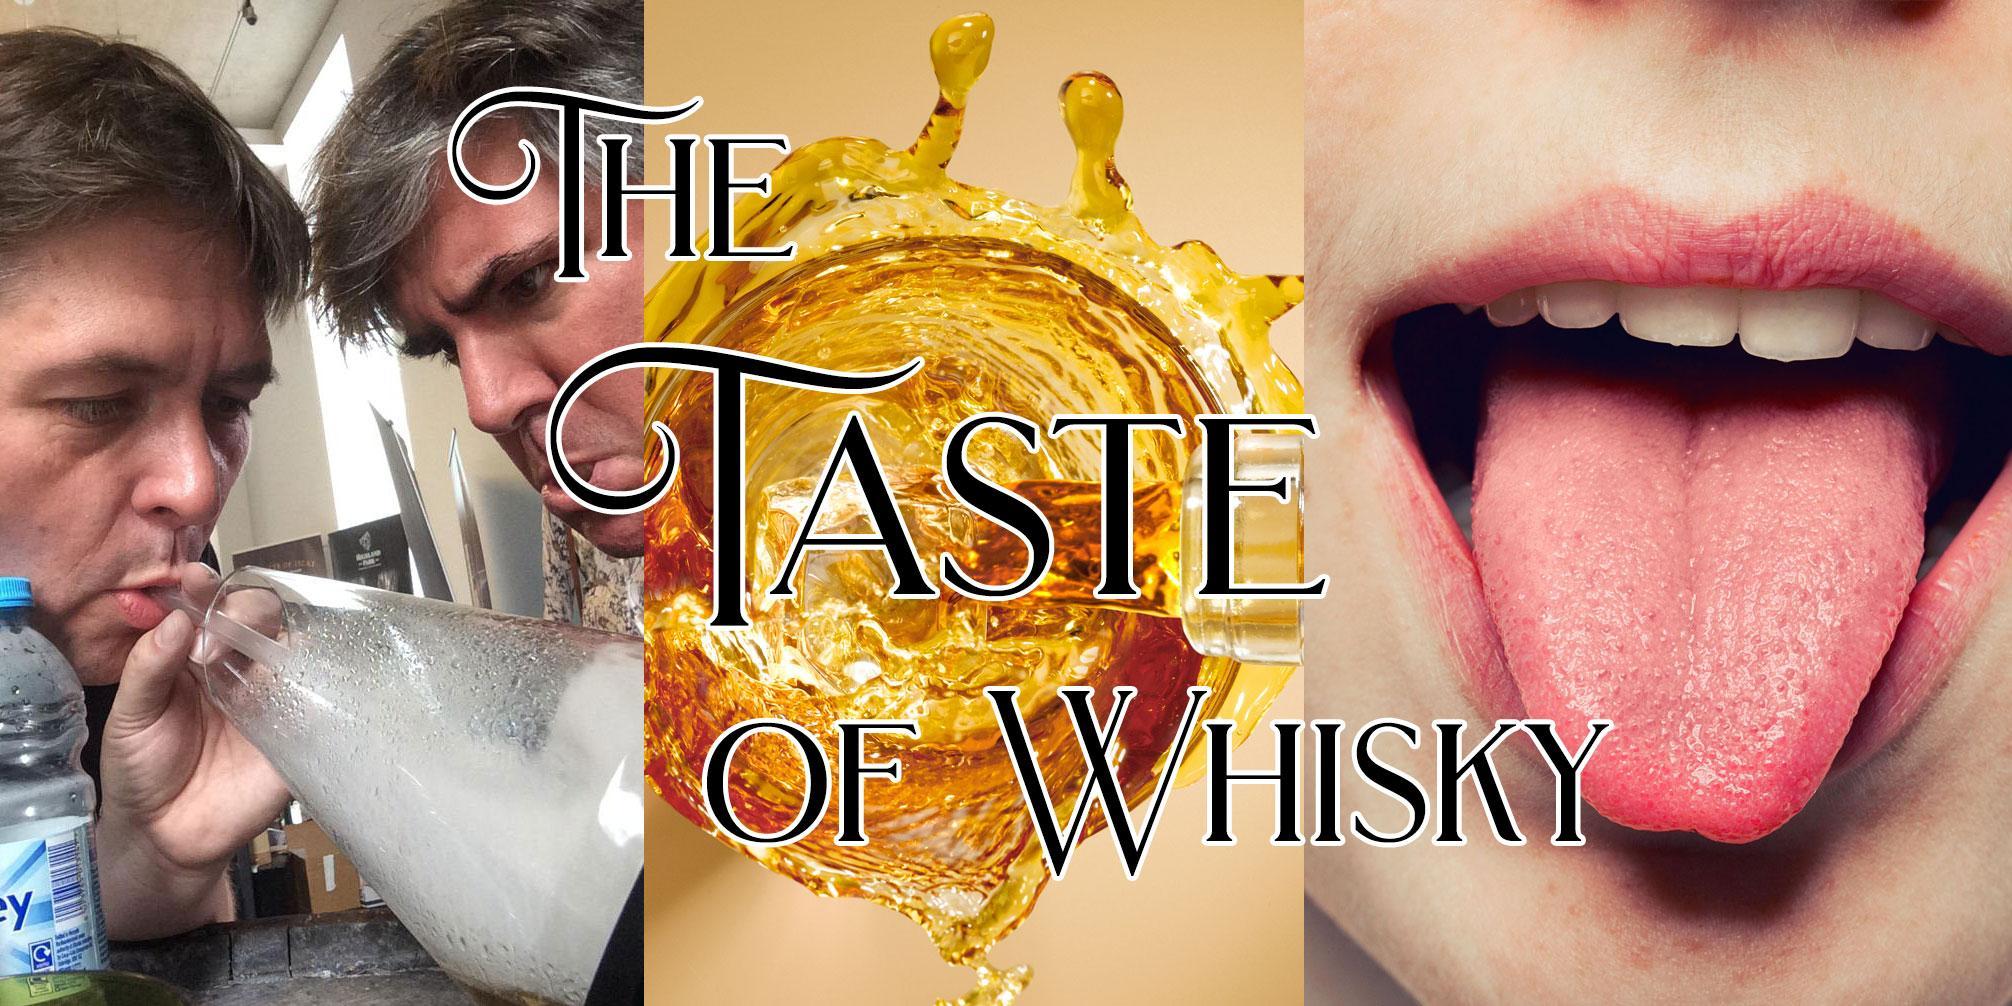 Bristol Whisky: The Taste Of Whisky